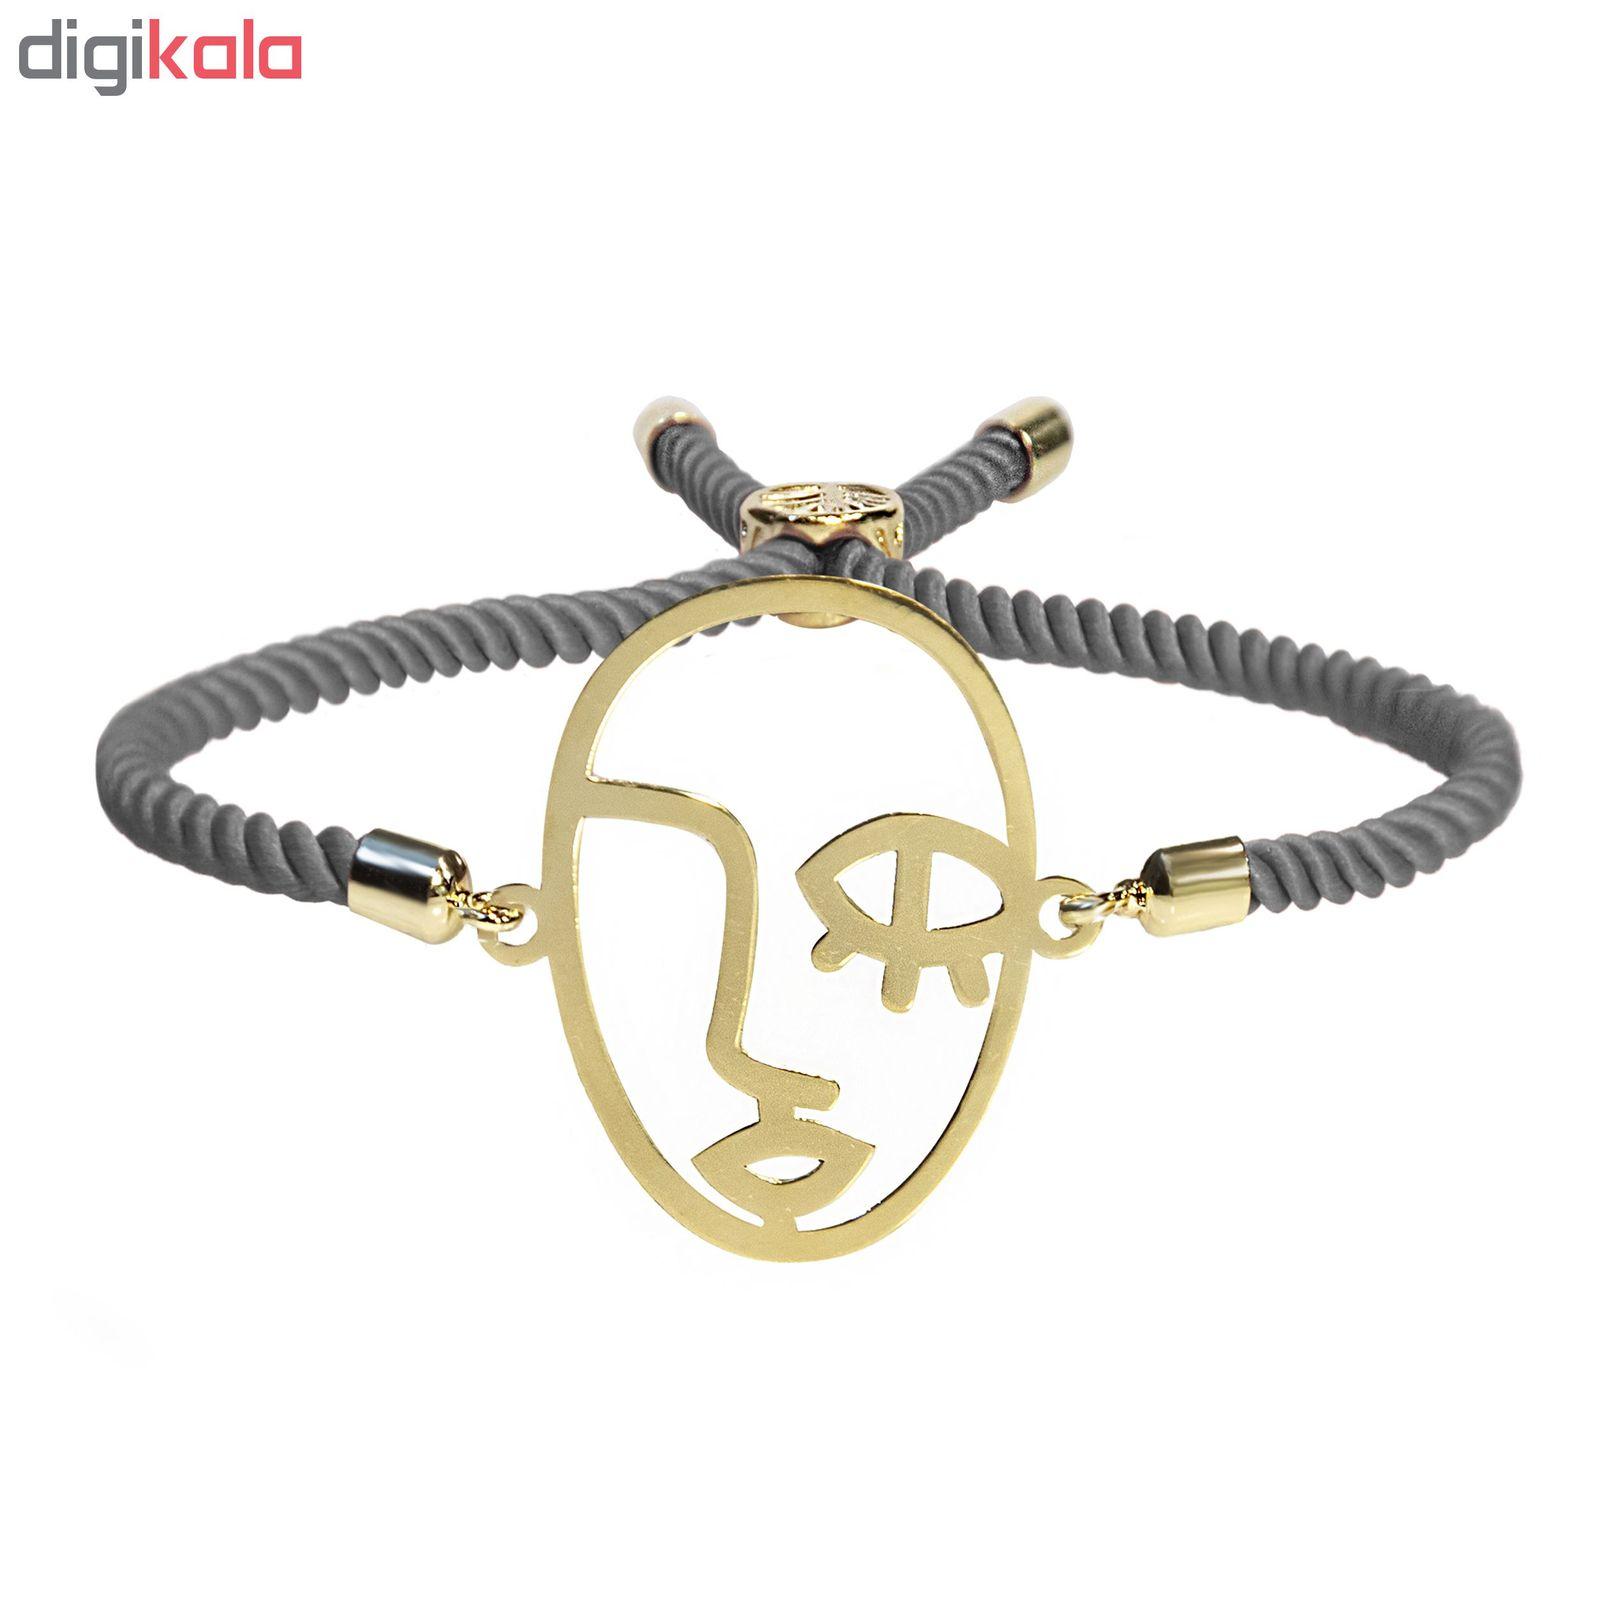 دستبند طلا 18 عیار زنانه اَبستره کد DCH001 -  - 3